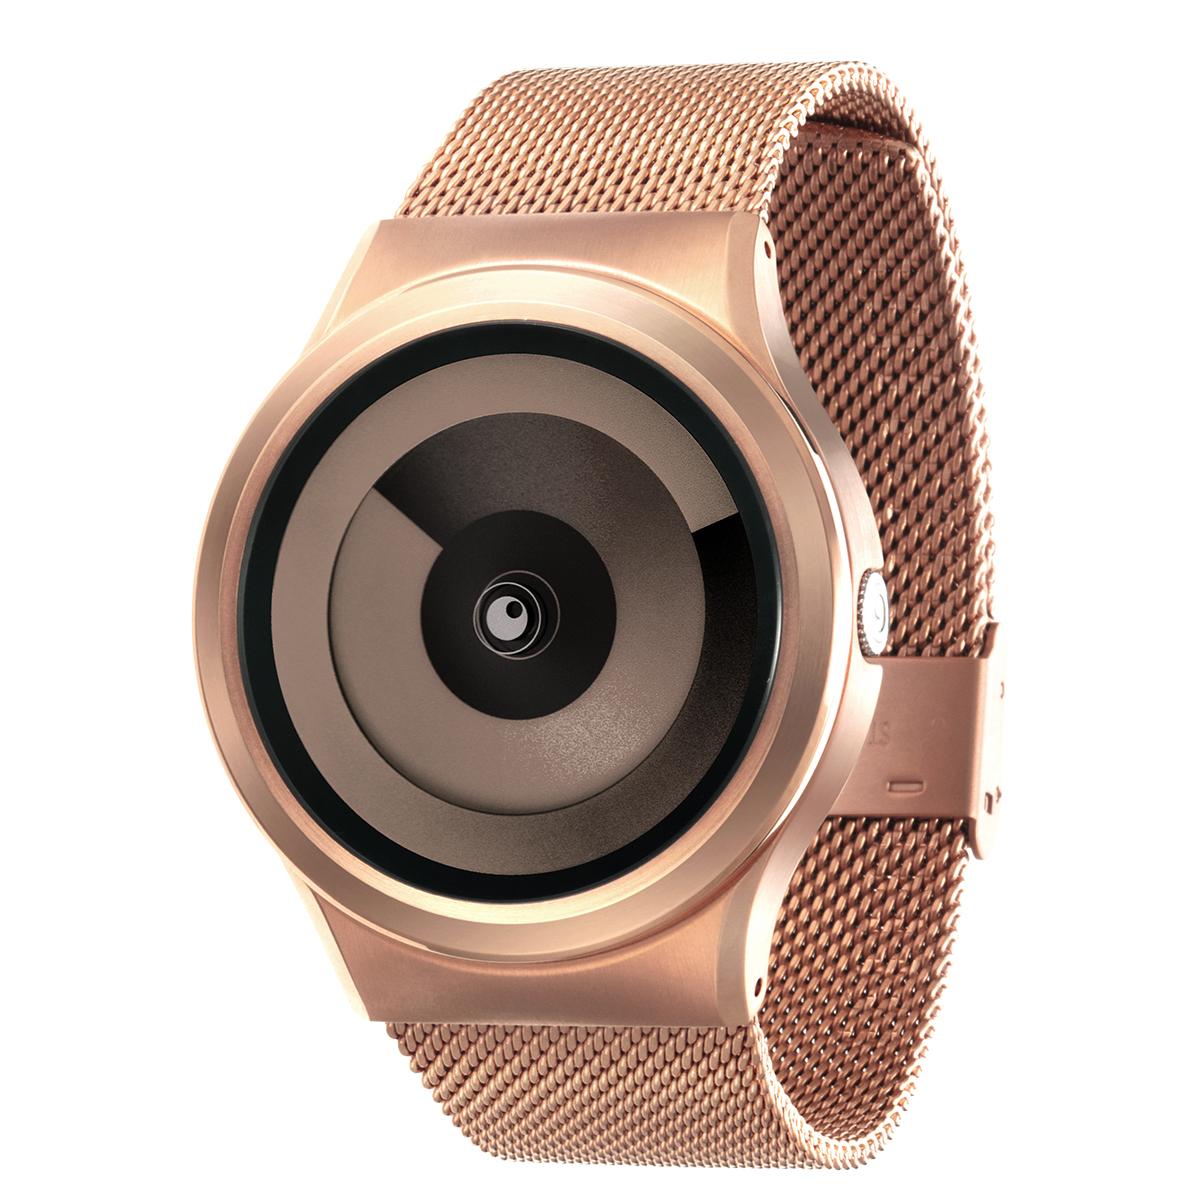 ファッションウォッチ デザインウォッチ 5ATM メーカー保障12ヶ月 ベルト調整用工具 LOGO入りクロス 取扱説明書 ZIIIROとは関係ありません ZEROOTIME ゼロタイム ZEROO SPIRAL ペア用 ユニセックス 日時指定 GALAXY 電池式クォーツ レディース ゼロ メンズ デザイナーズ 本物 腕時計 ベージュ W06019B05SM05 おしゃれ時計